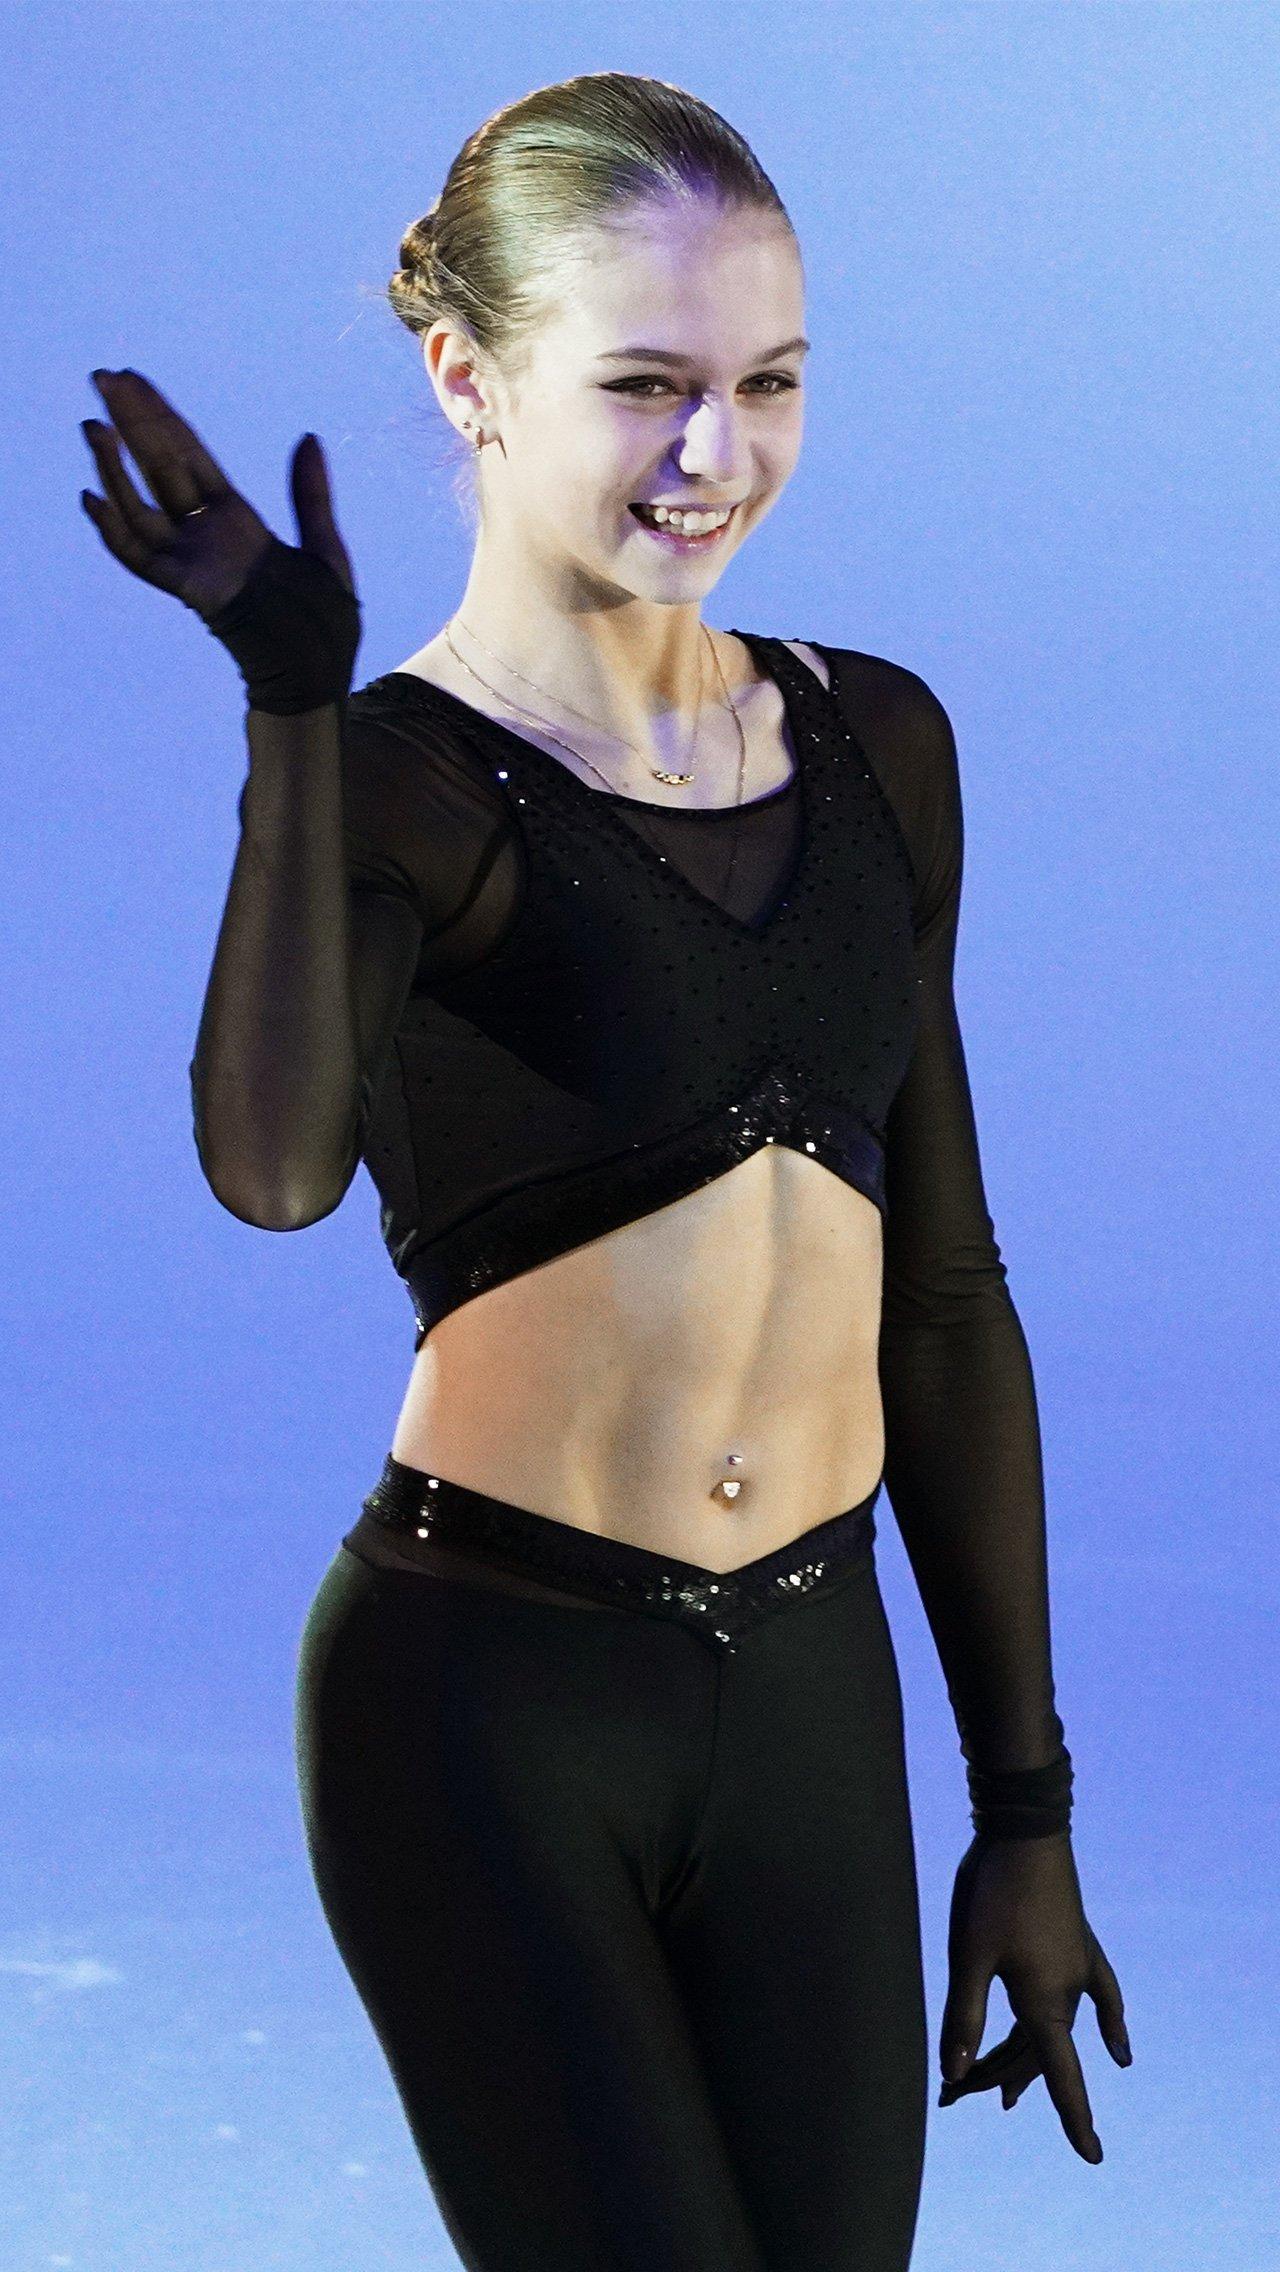 Одной из главных звёзд сезона была и Александра Трусова. Саша выиграла бронзу чемпионатов России и мира.